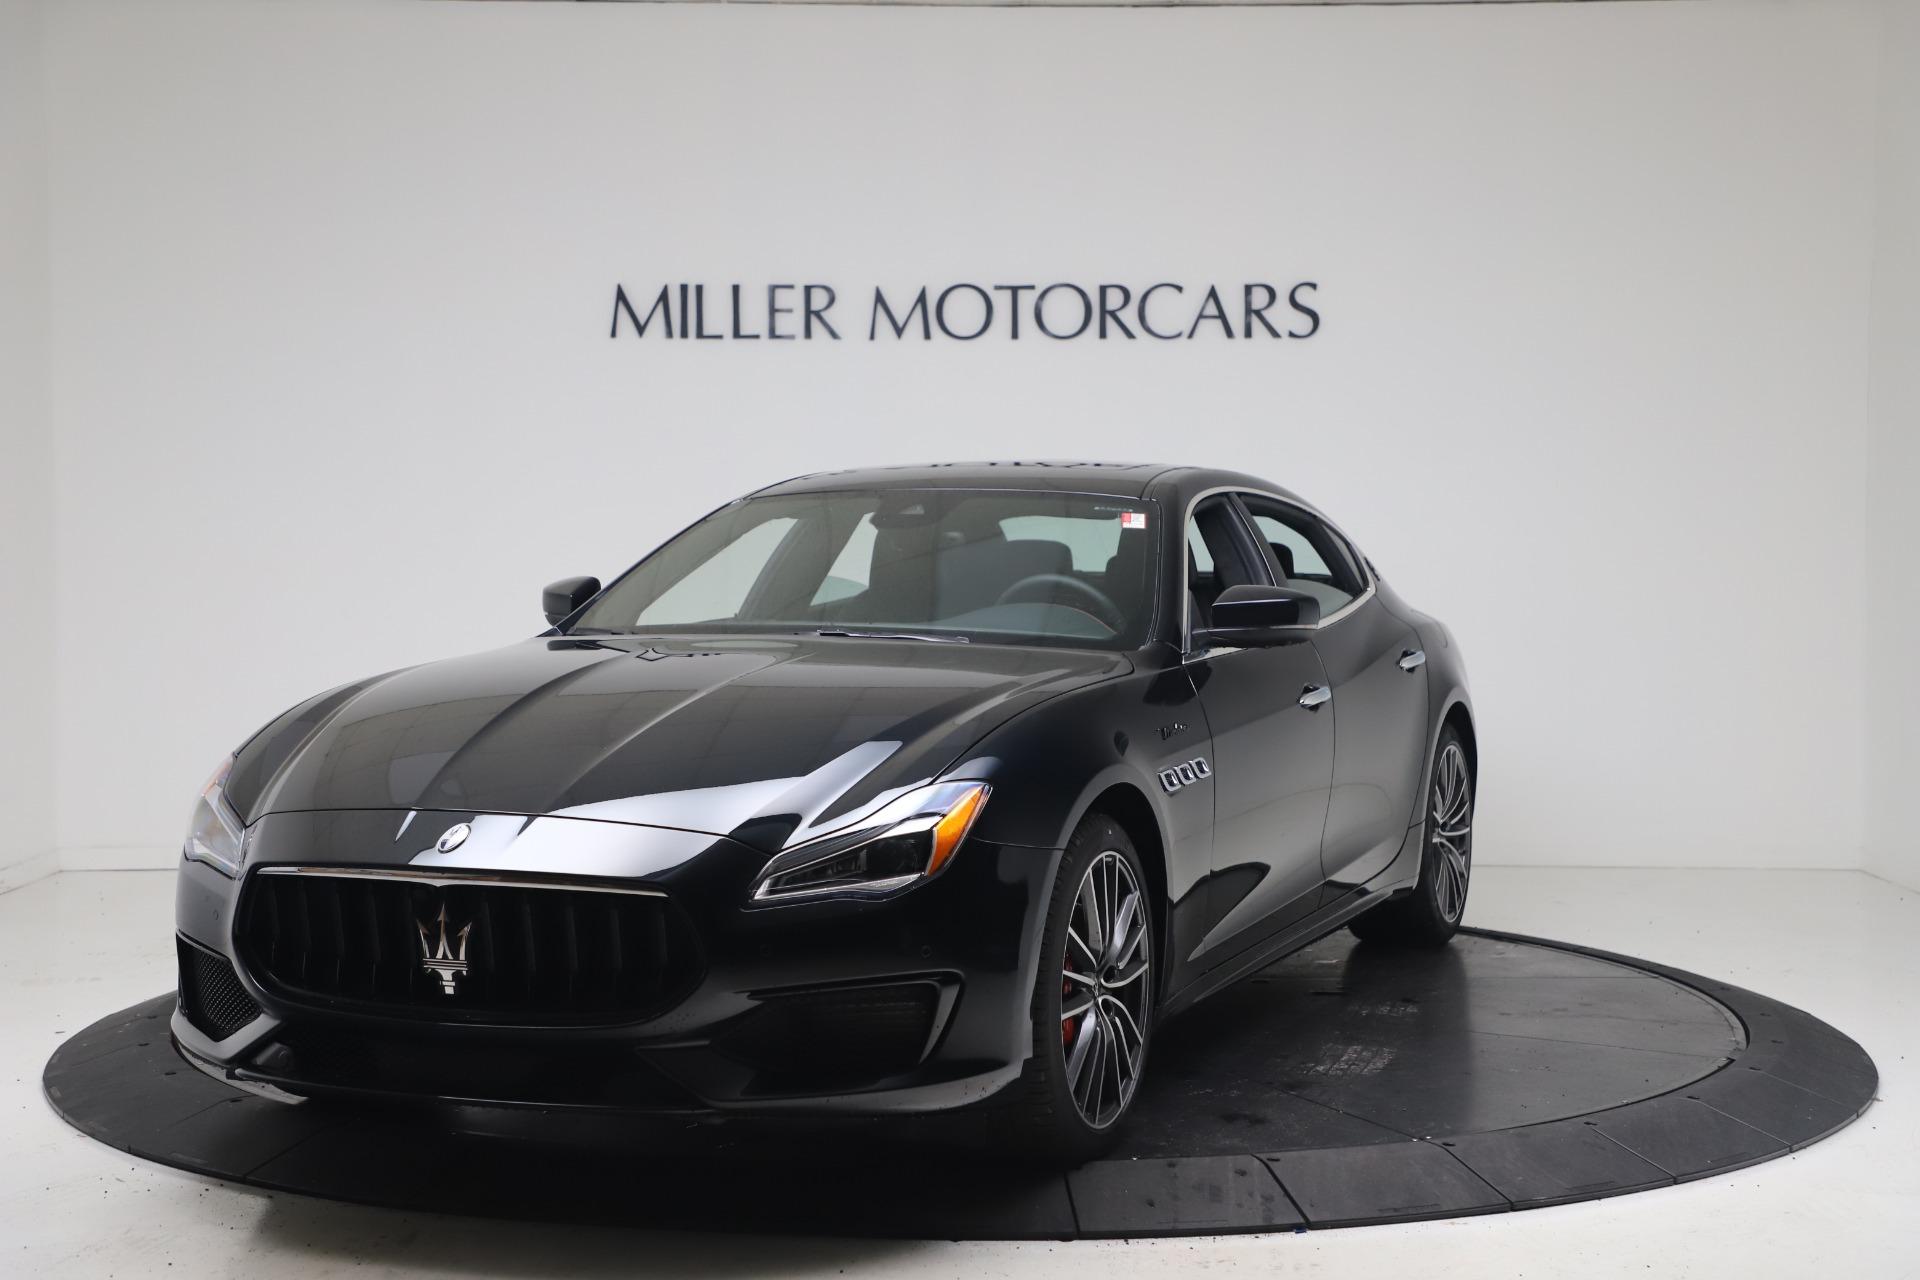 New 2022 Maserati Quattroporte Modena Q4 for sale $128,775 at Alfa Romeo of Greenwich in Greenwich CT 06830 1